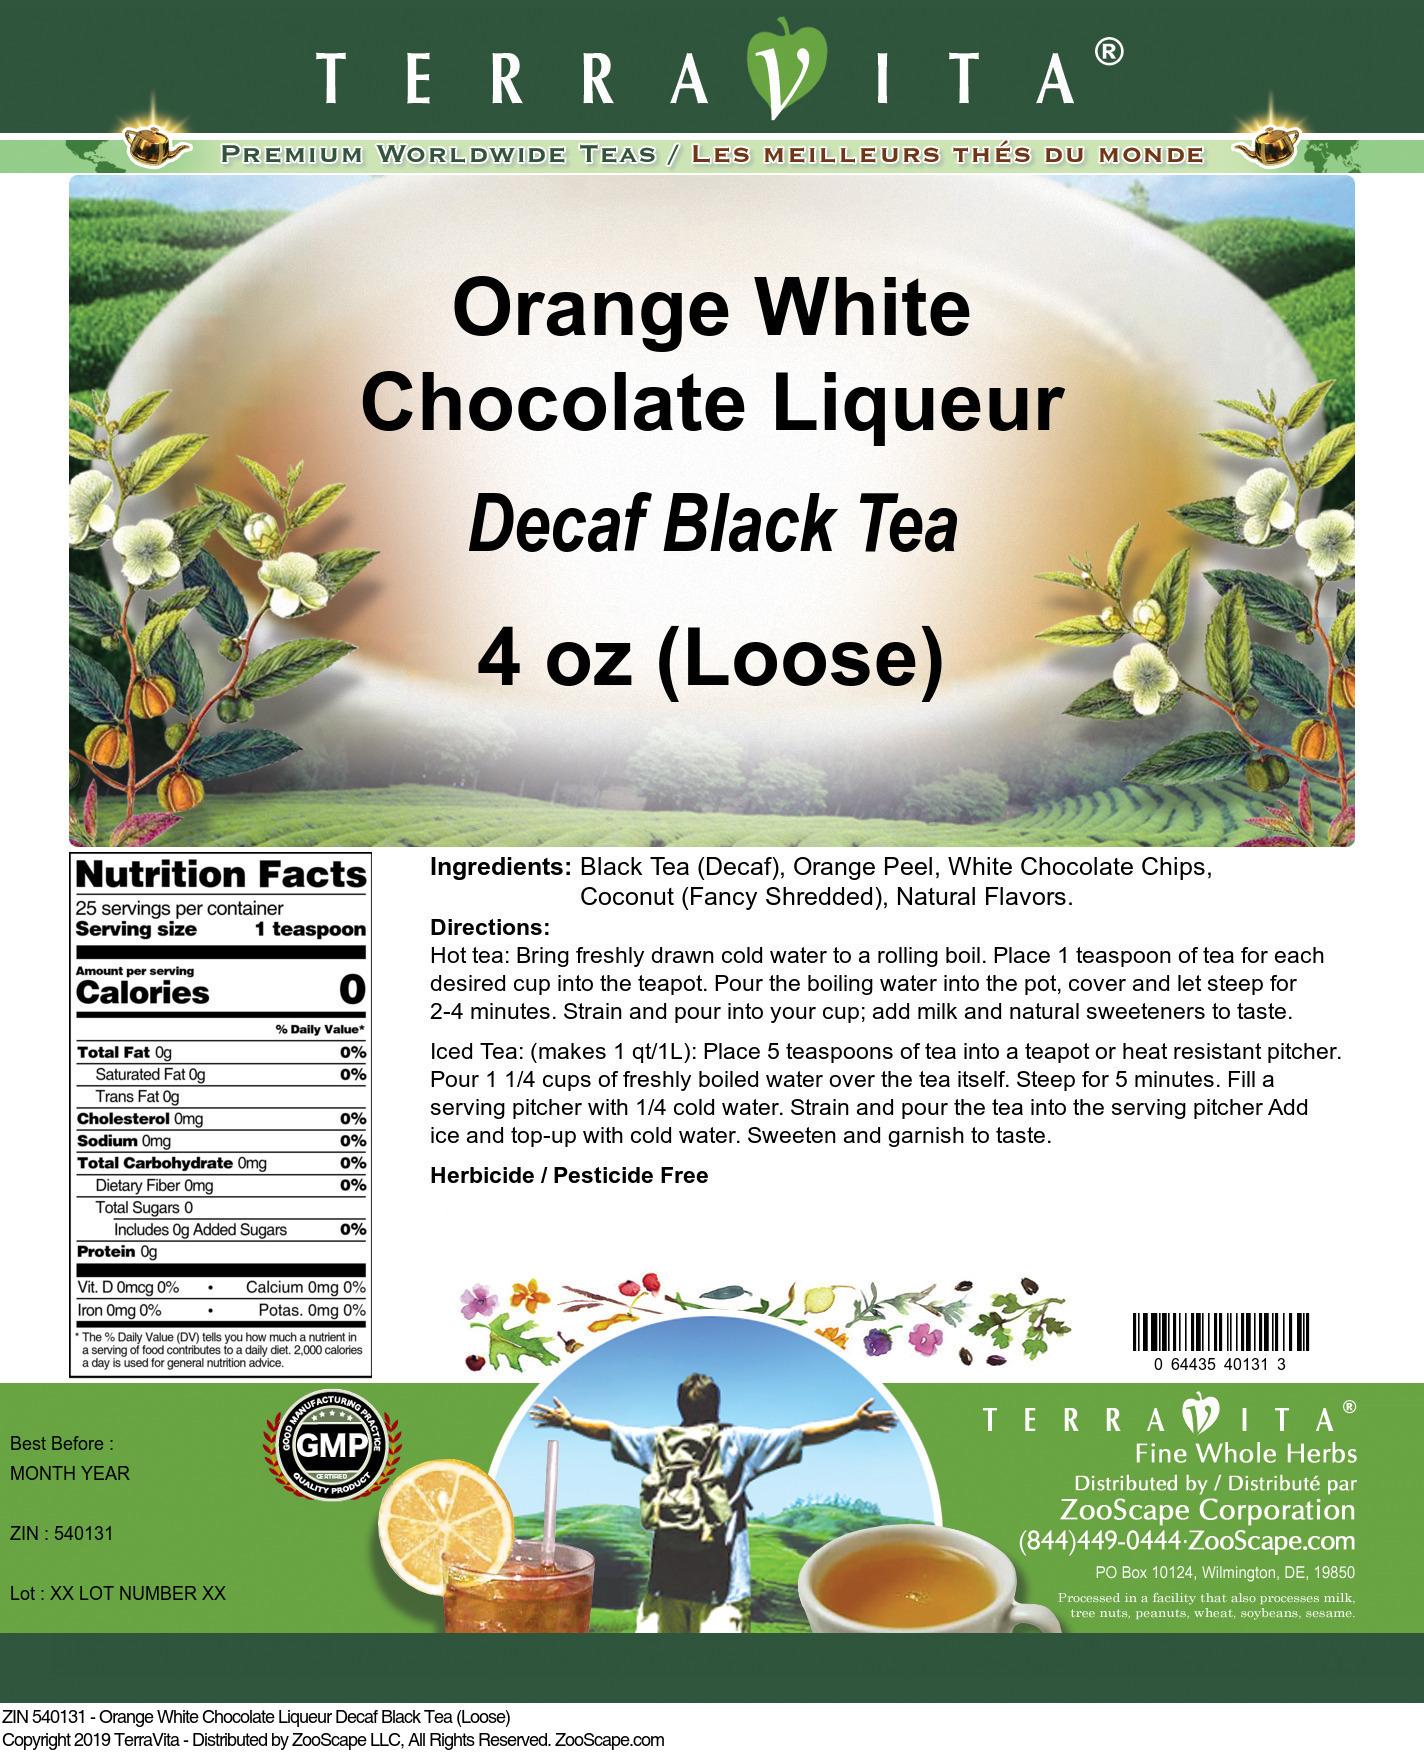 Orange White Chocolate Liqueur Decaf Black Tea